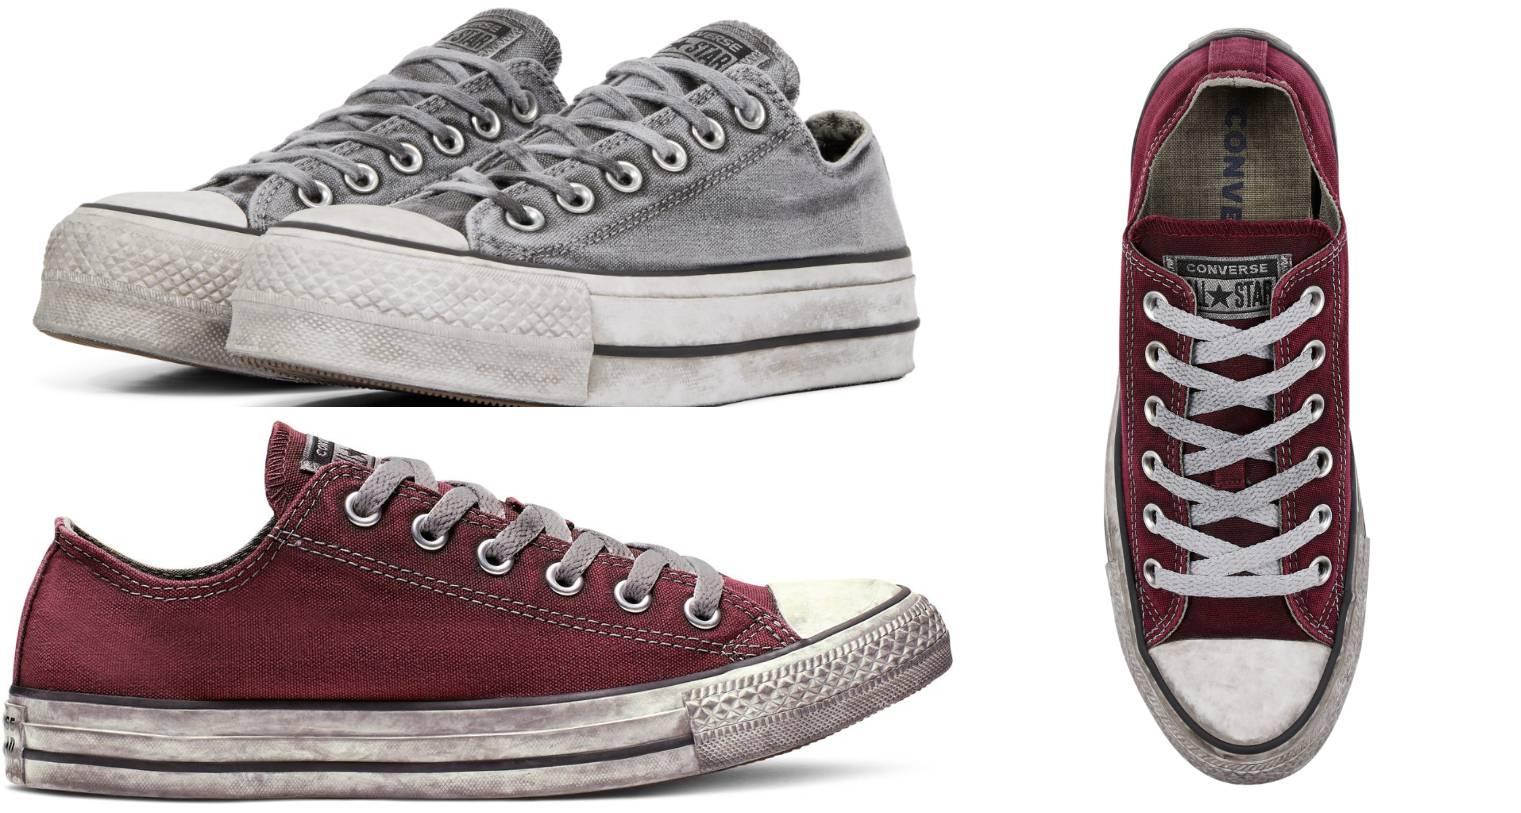 Converse prodaje model tenisice koja izgleda istrošeno i prljavo